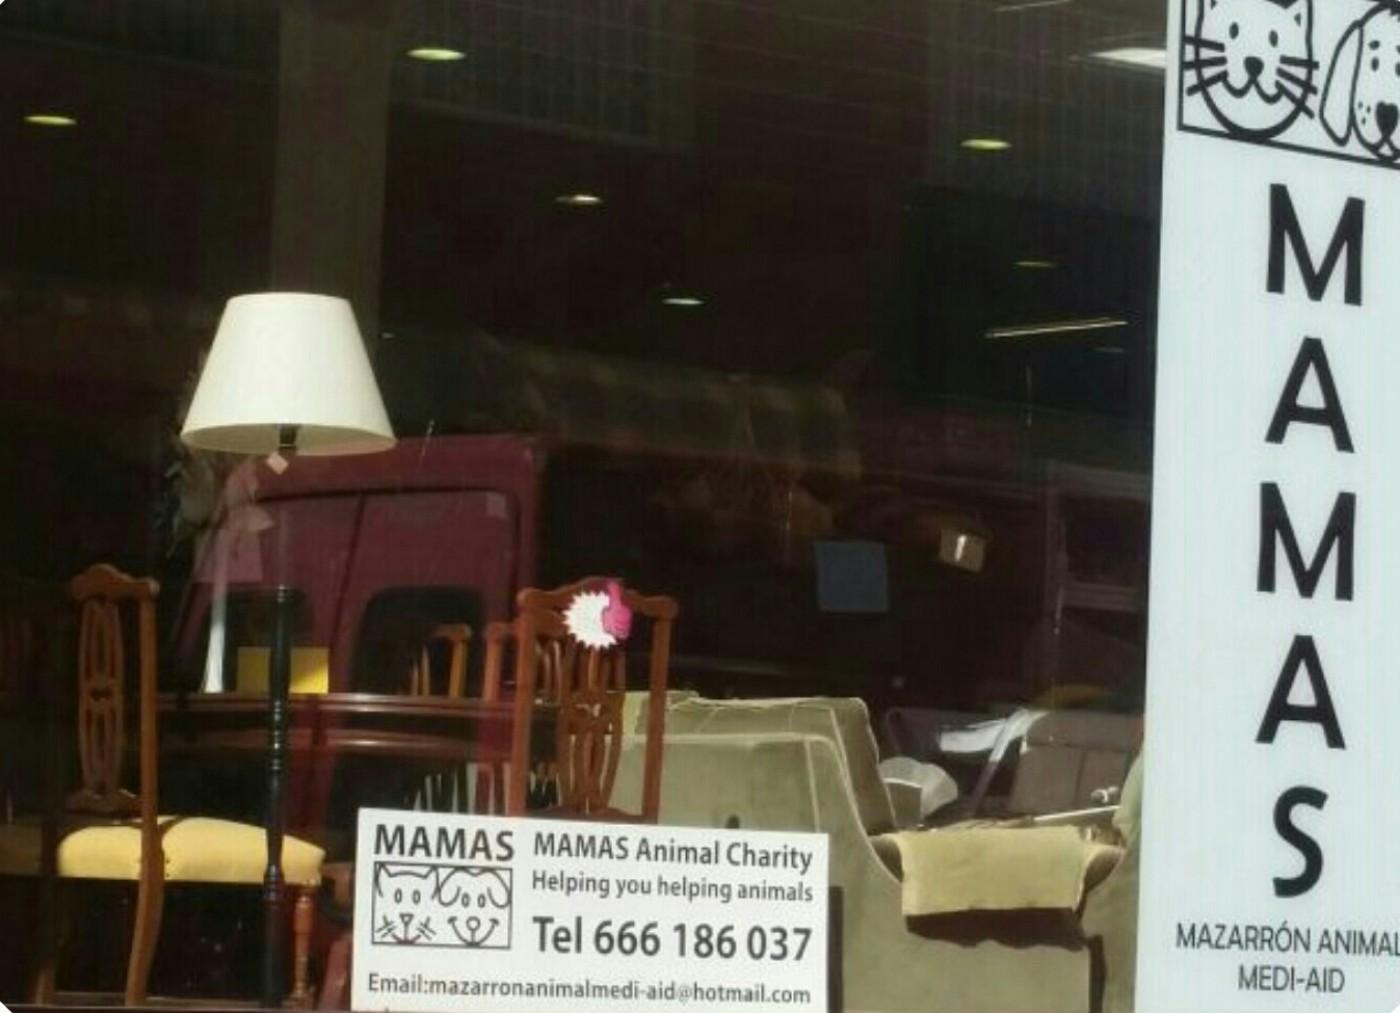 MAMAS Mazarrón Animal Medi-Aid